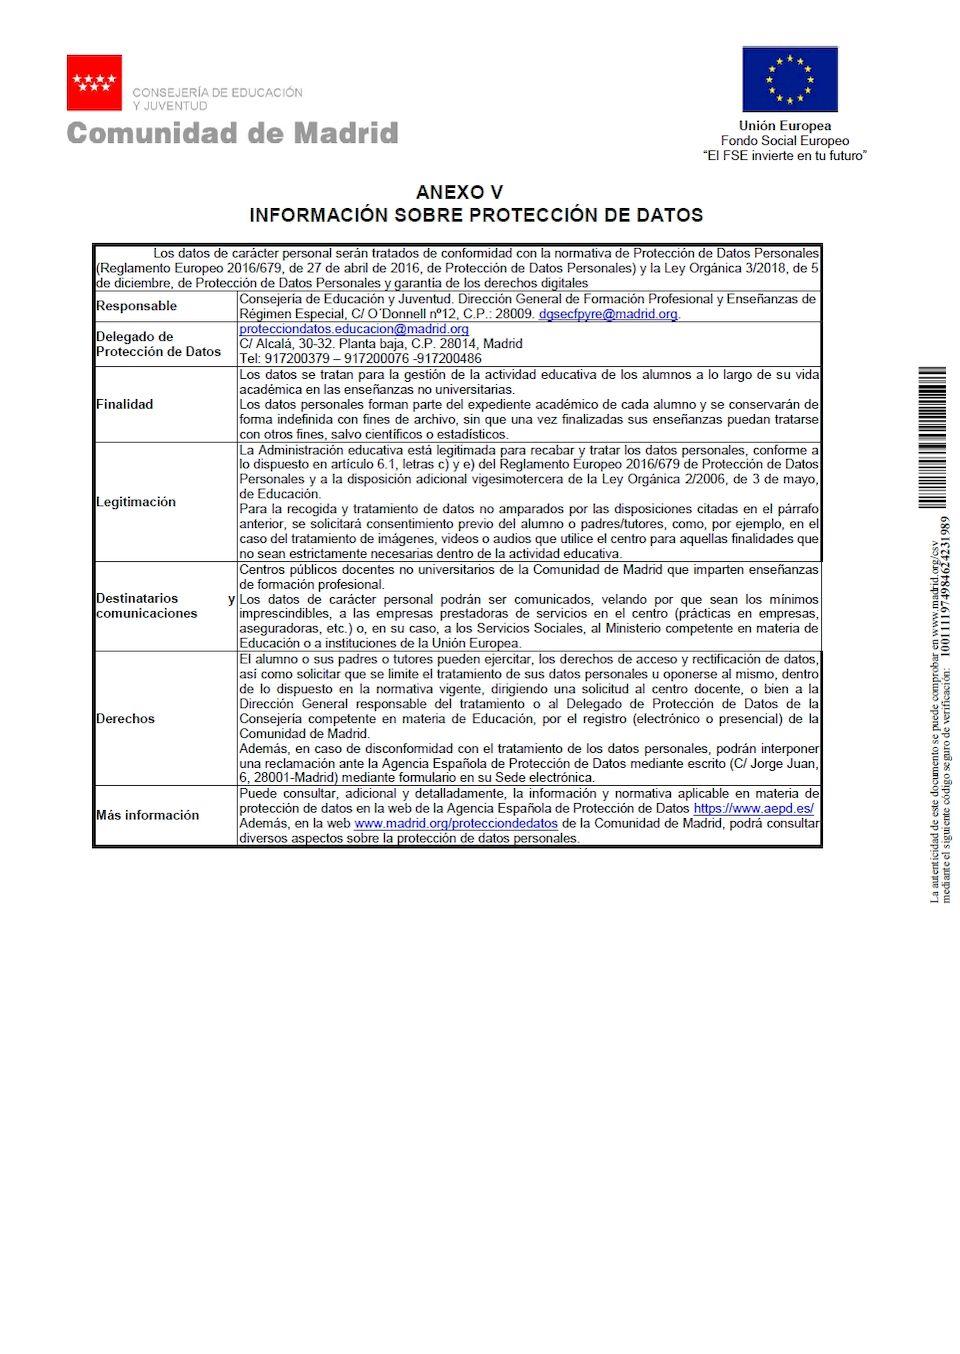 CFGM - Información sobre protección de datos